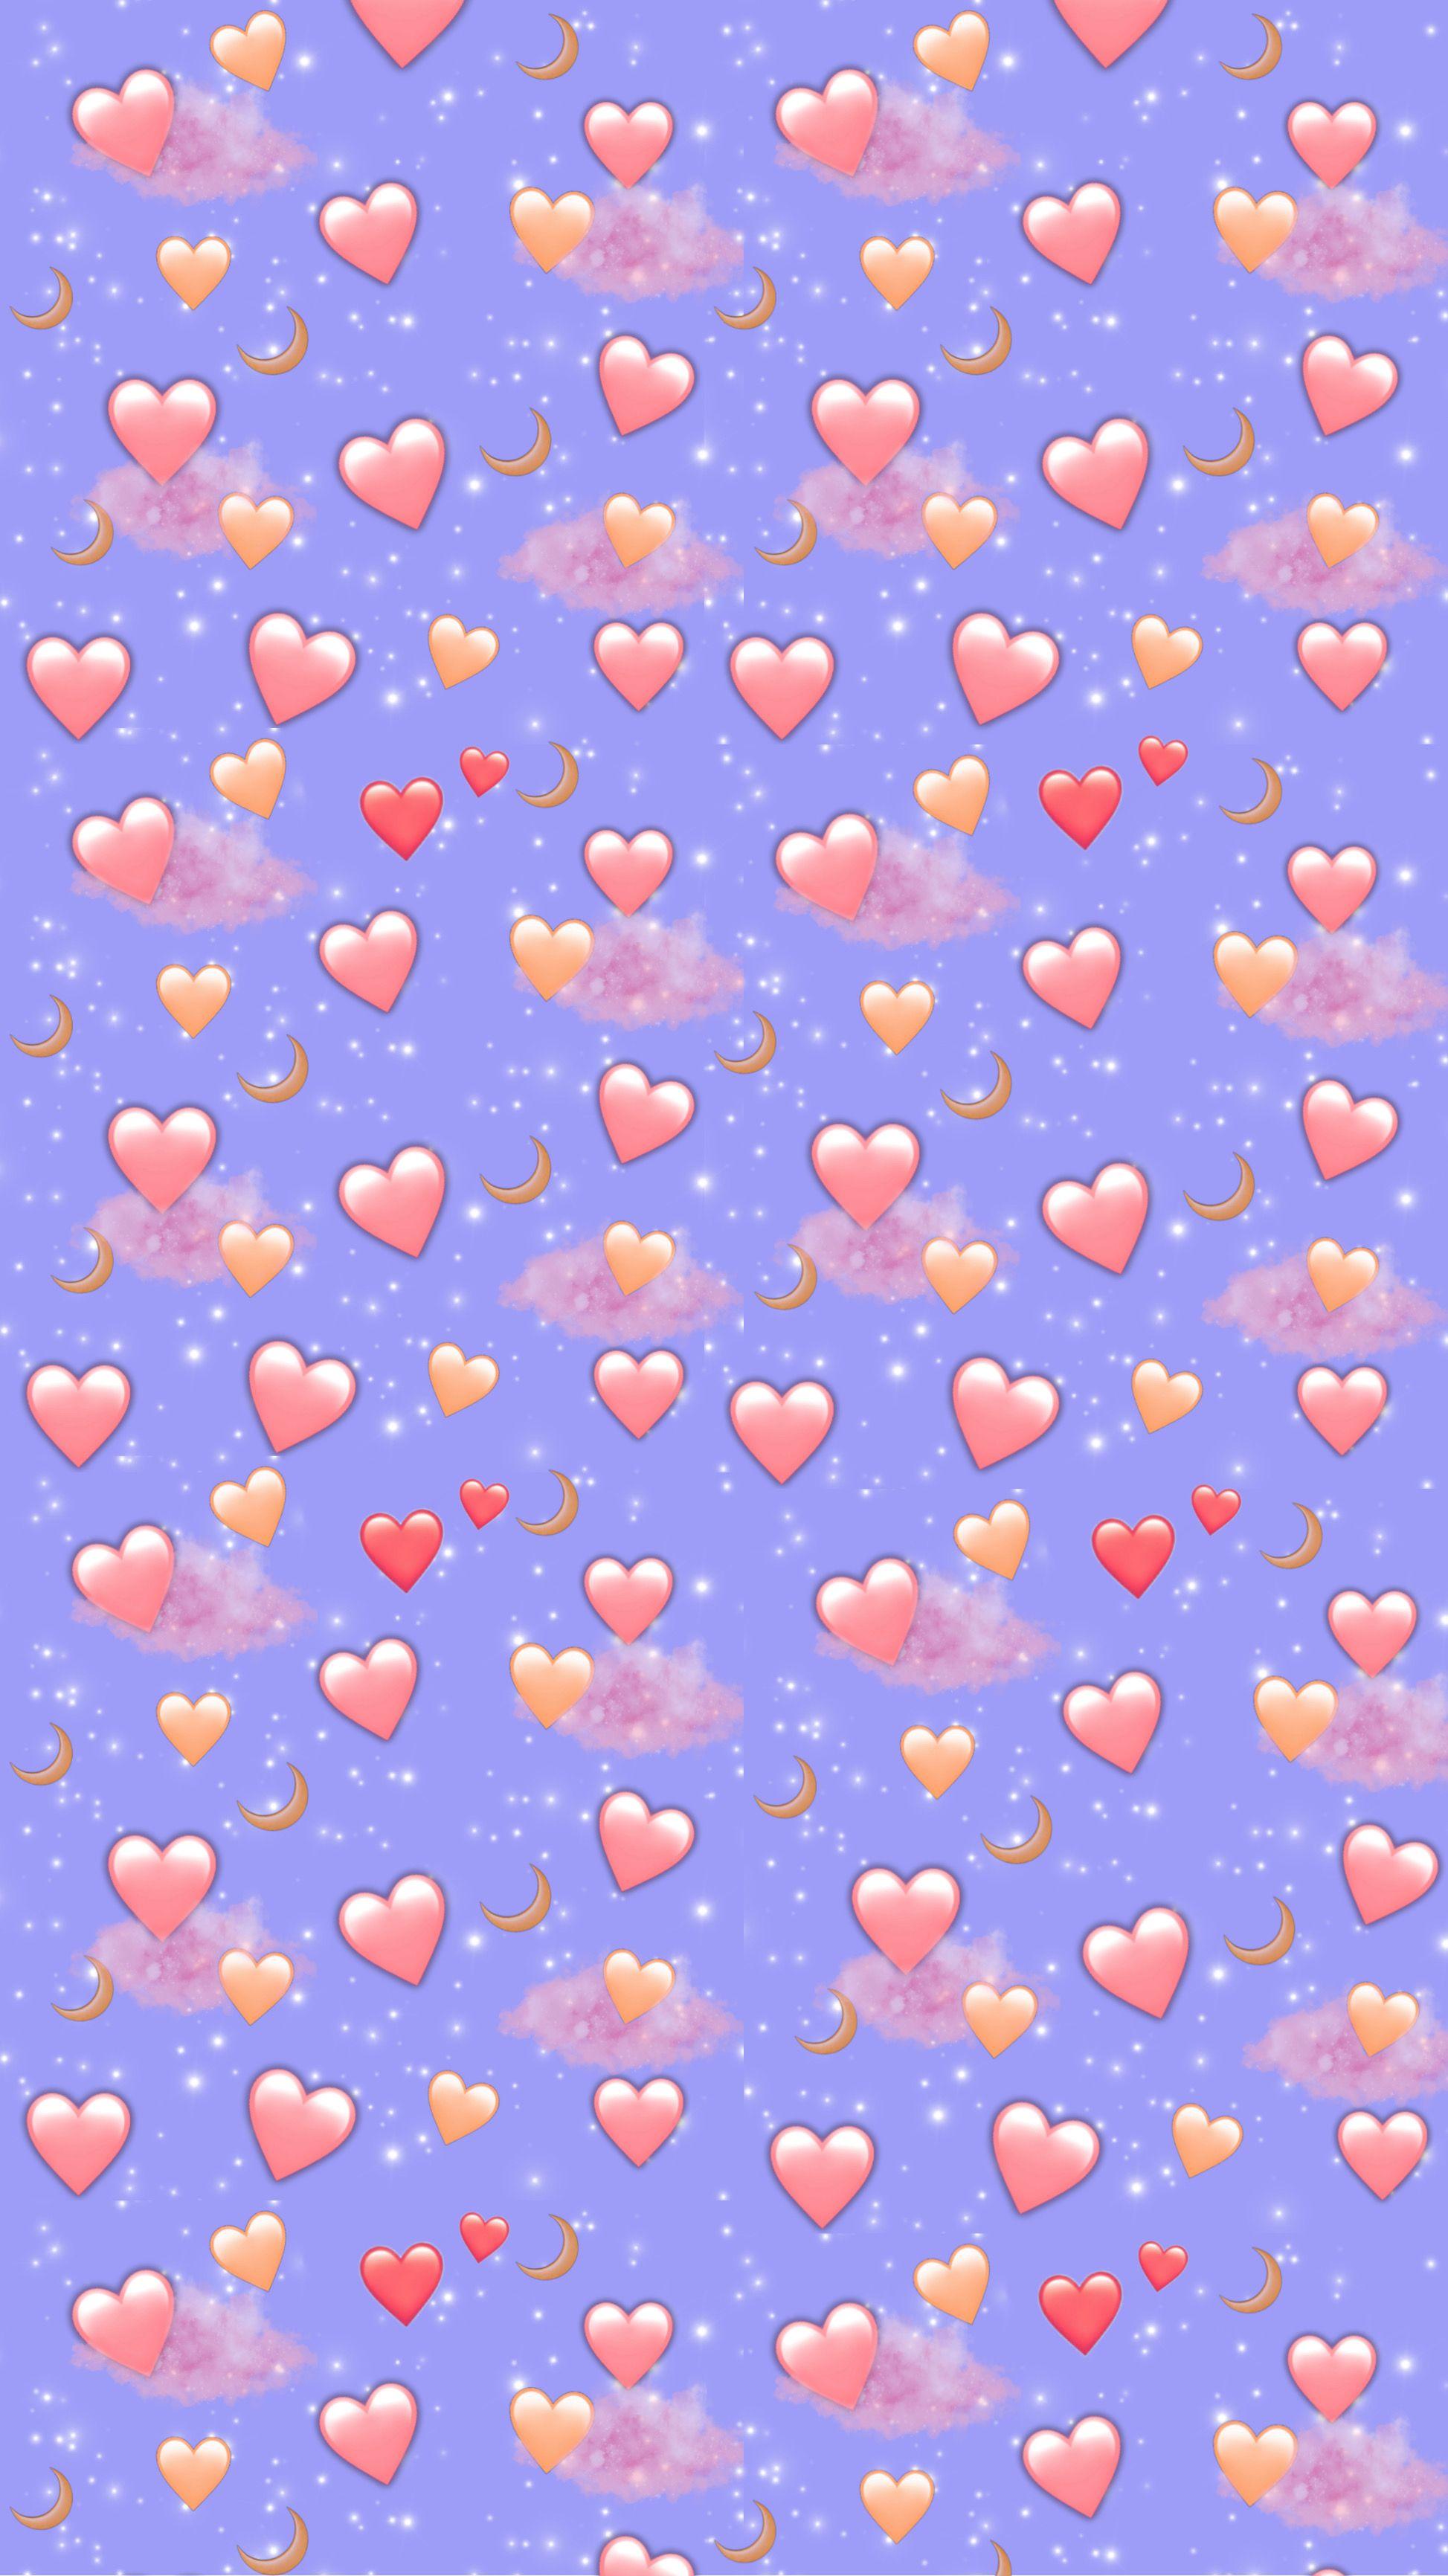 Iphone wallpaper in 2020 Tumblr iphone wallpaper, Cute